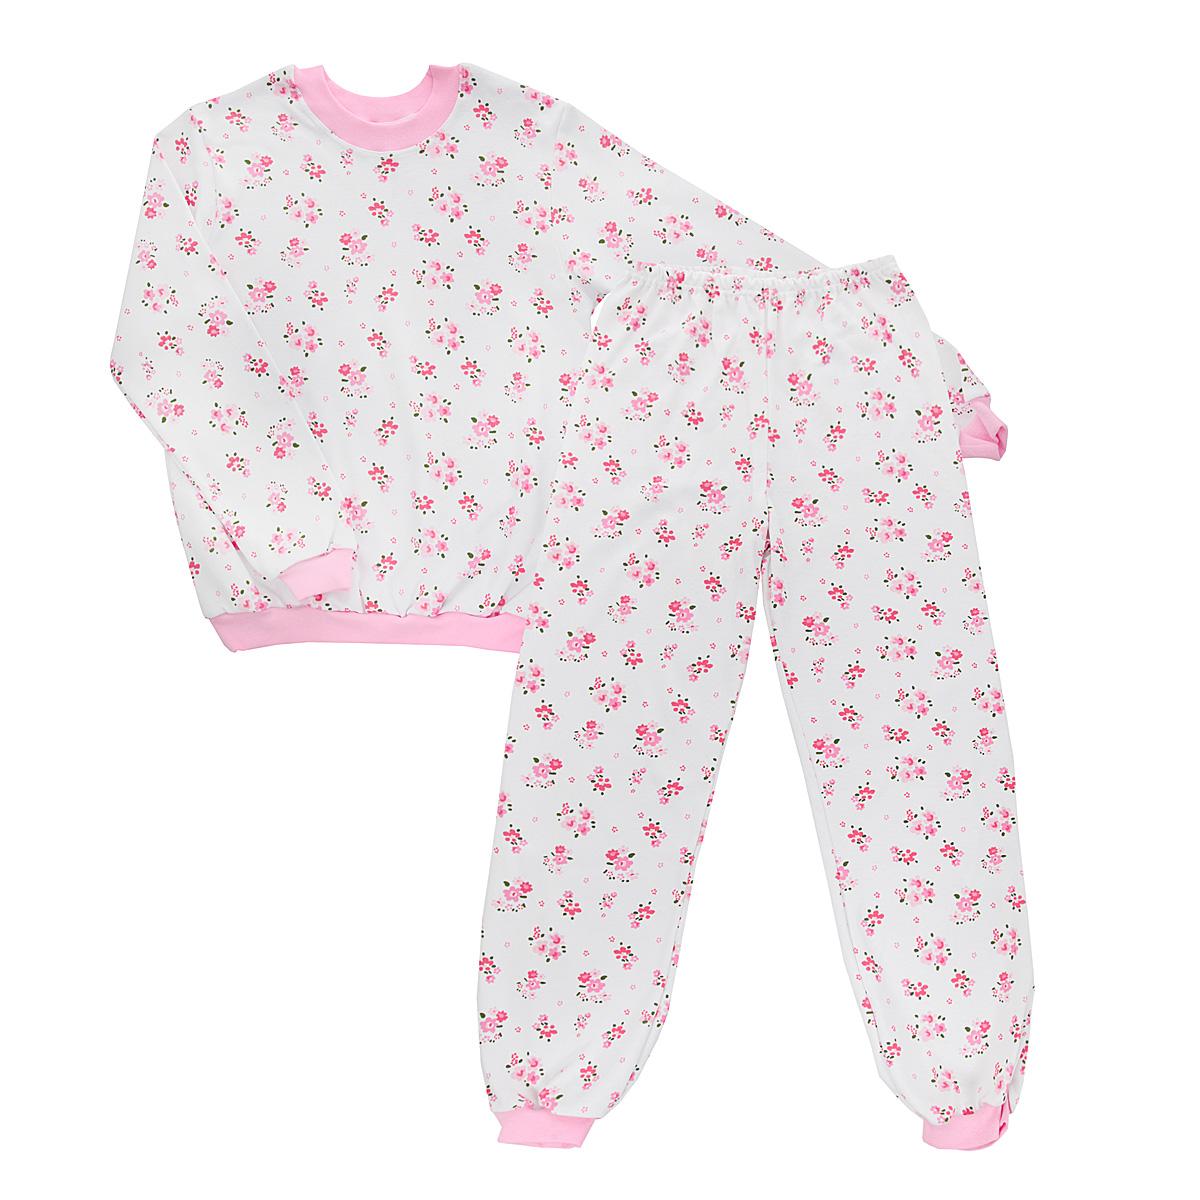 Пижама для девочки Трон-плюс, цвет: белый, розовый. 5555_цветы. Размер 86/92, 2-3 года5555_цветыУютная пижама для девочки Трон-плюс, состоящая из джемпера и брюк, идеально подойдет вашему ребенку и станет отличным дополнением к детскому гардеробу. Изготовленная из натурального хлопка, она необычайно мягкая и легкая, не сковывает движения, позволяет коже дышать и не раздражает даже самую нежную и чувствительную кожу ребенка. Джемпер с длинными рукавами имеет круглый вырез горловины. Низ изделия, рукава и вырез горловины дополнены широкой трикотажной резинкой контрастного цвета.Брюки на талии имеют эластичную резинку, благодаря чему не сдавливают живот ребенка и не сползают. Низ брючин дополнен широкими эластичными манжетами контрастного цвета.Оформлено изделие ненавязчивым цветочным принтом. В такой пижаме ваша дочурка будет чувствовать себя комфортно и уютно во время сна.